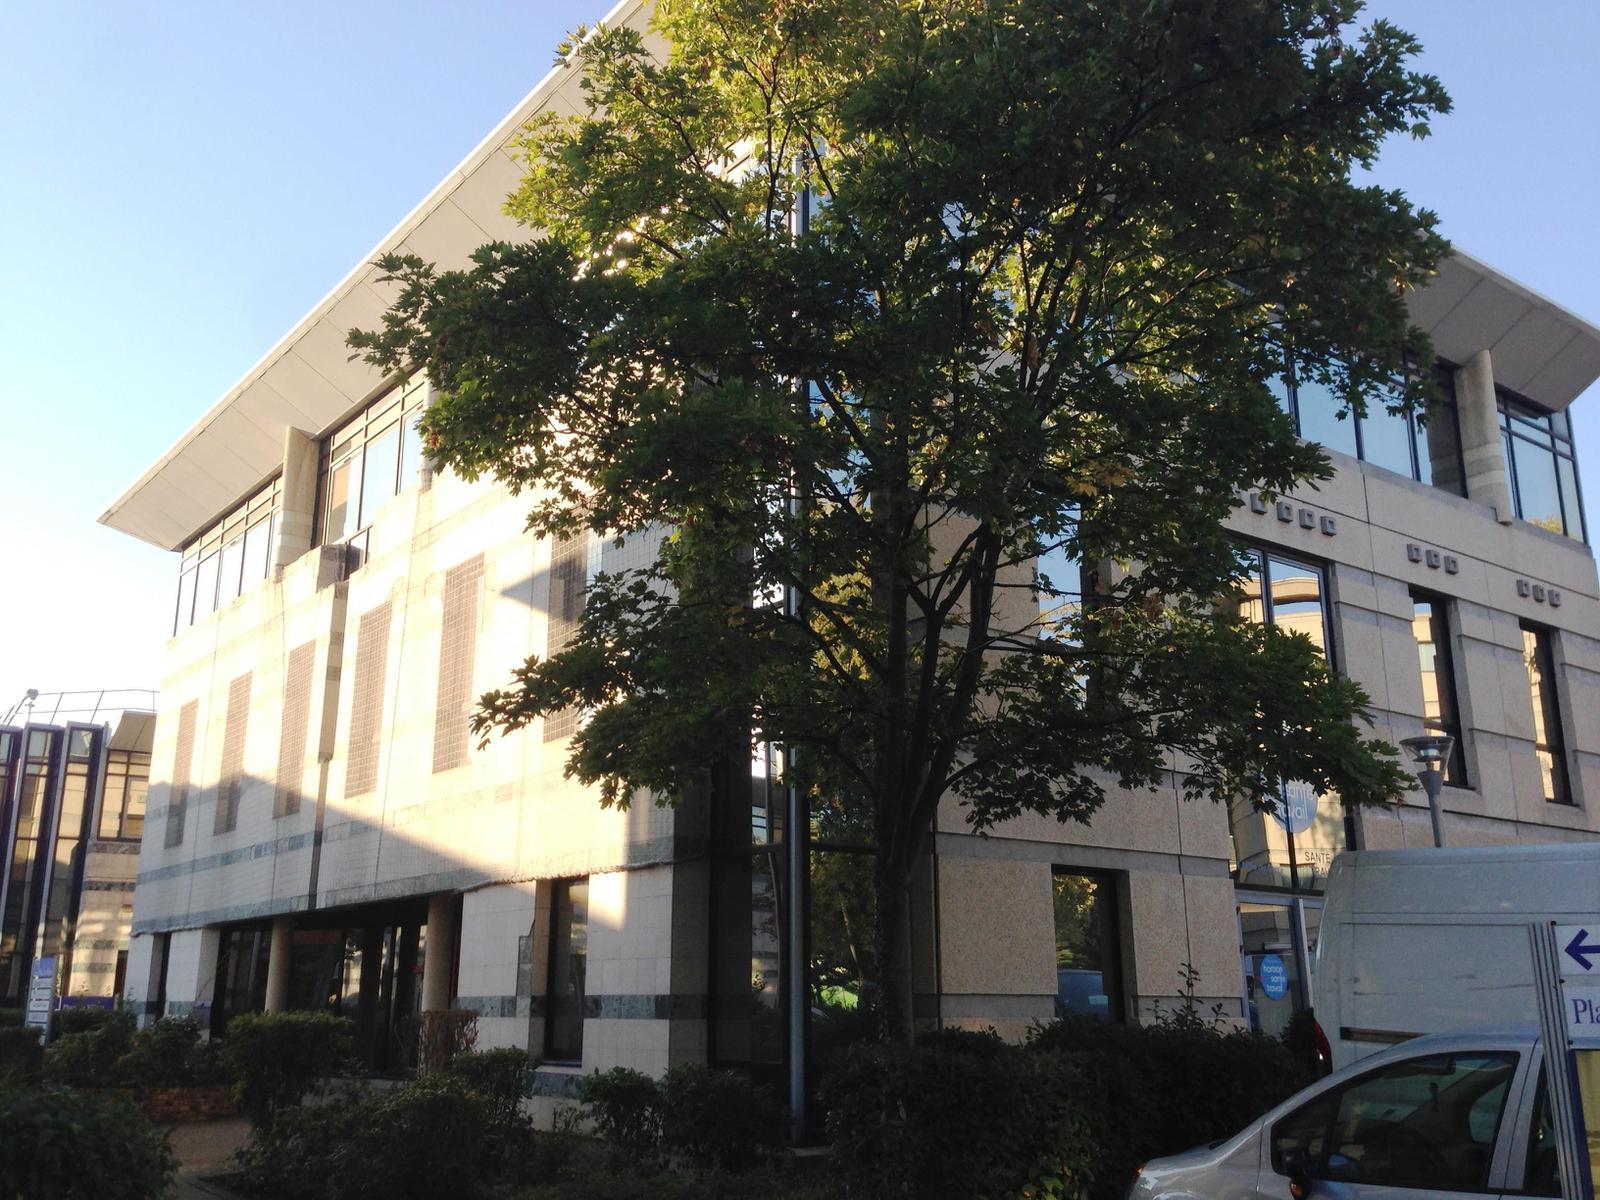 Plateforme Du Batiment Gennevilliers vente bureau gennevilliers 92230 336m² – bureauxlocaux